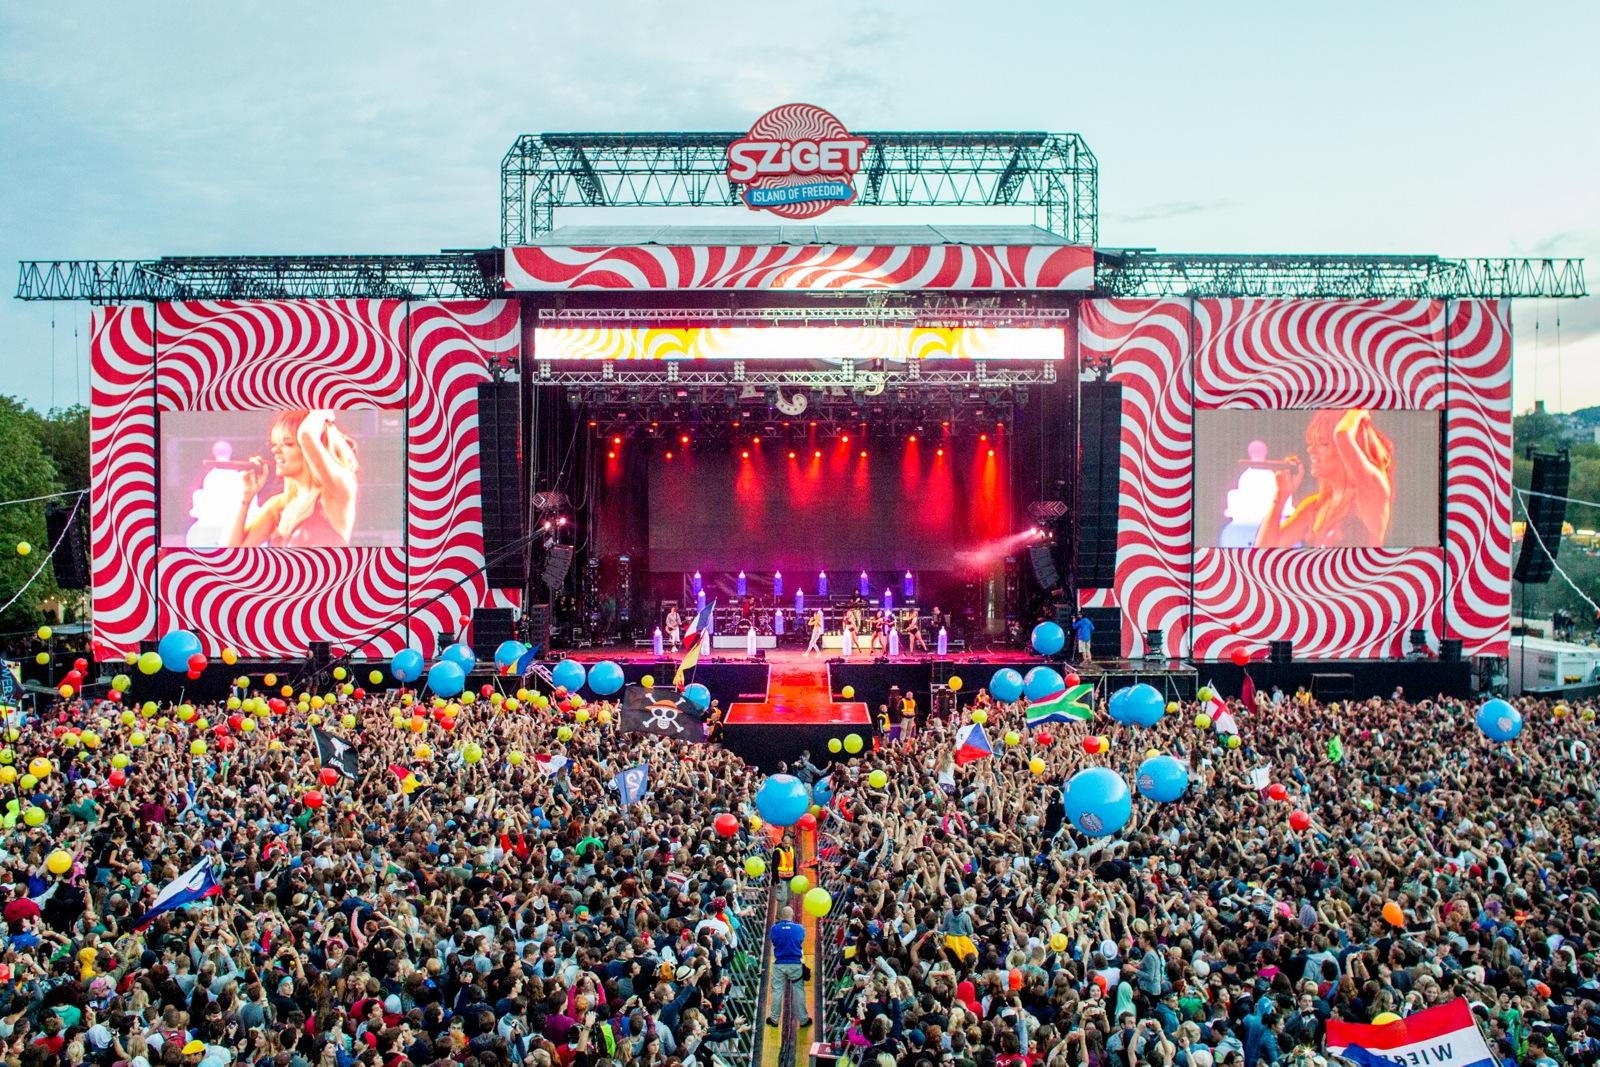 Sziget оголосив 14 українських музикантів, які можуть виступити на фестивалі